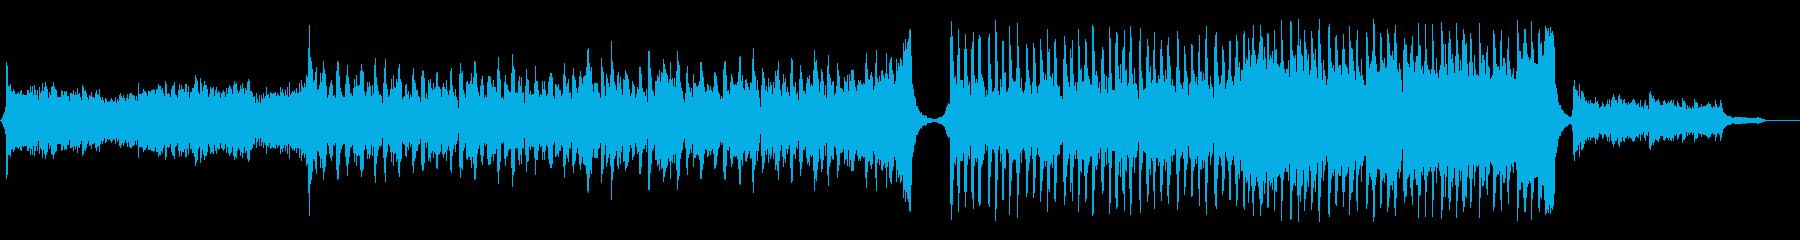 Epic/爽やかでアップリフティングな曲の再生済みの波形